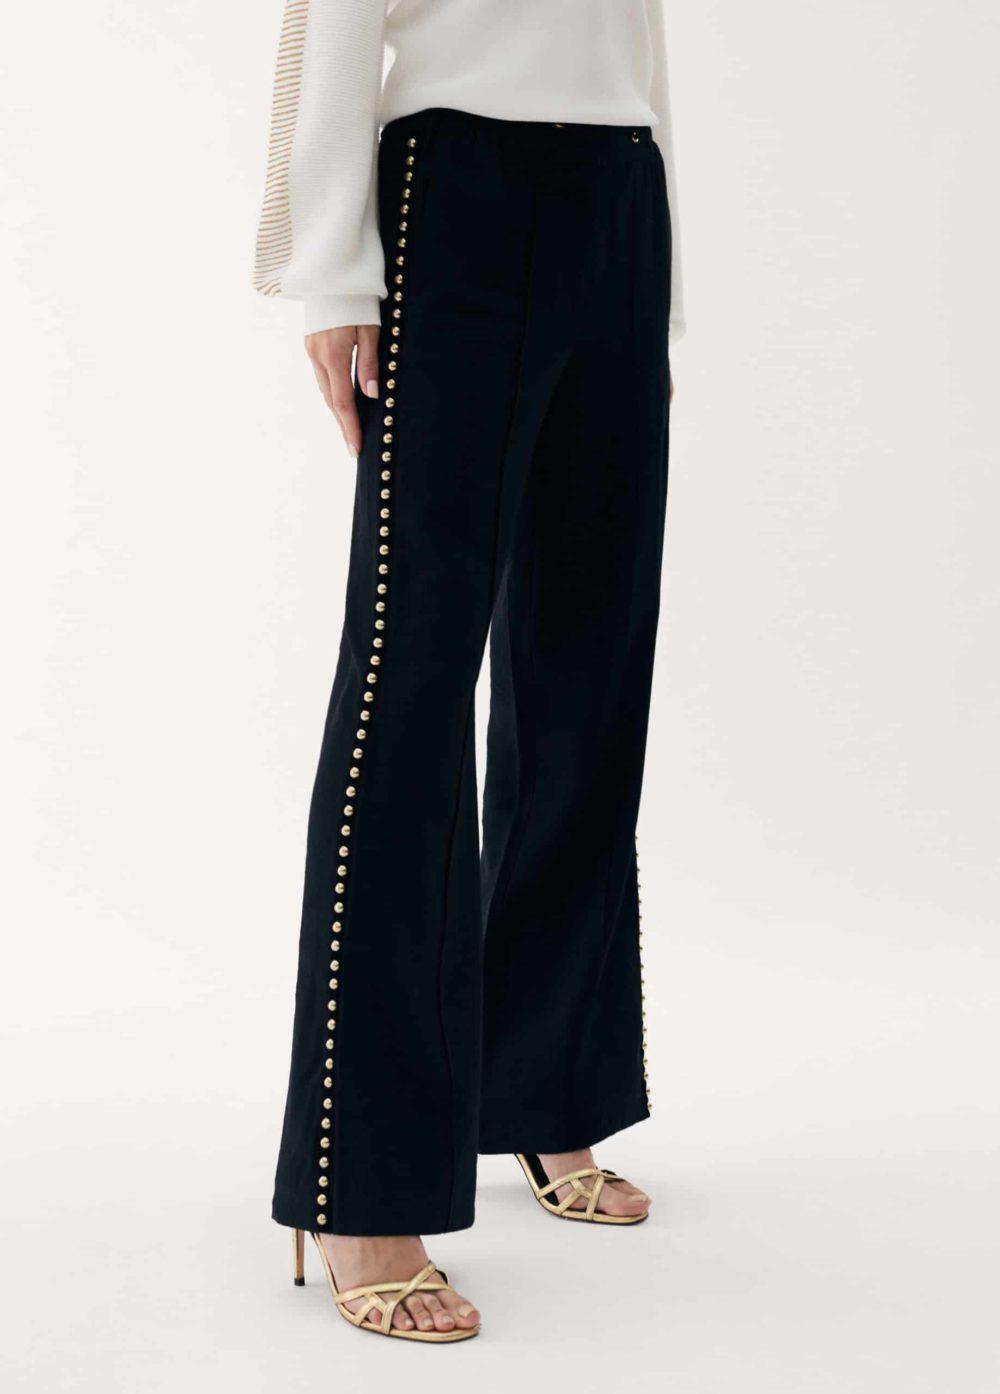 pantalon-joggin-vestir-negro